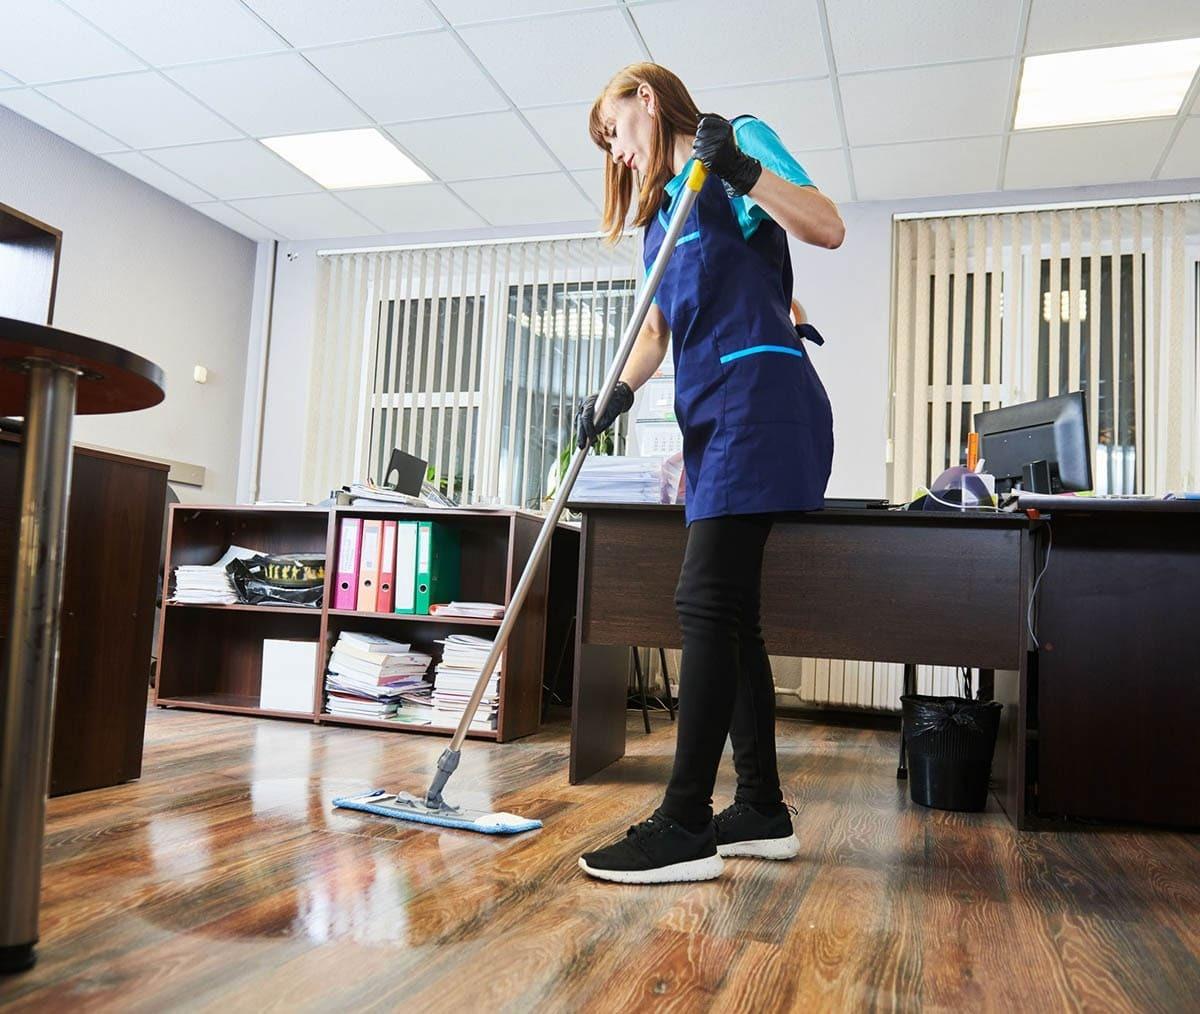 Генеральная уборка офиса как часто проводить?